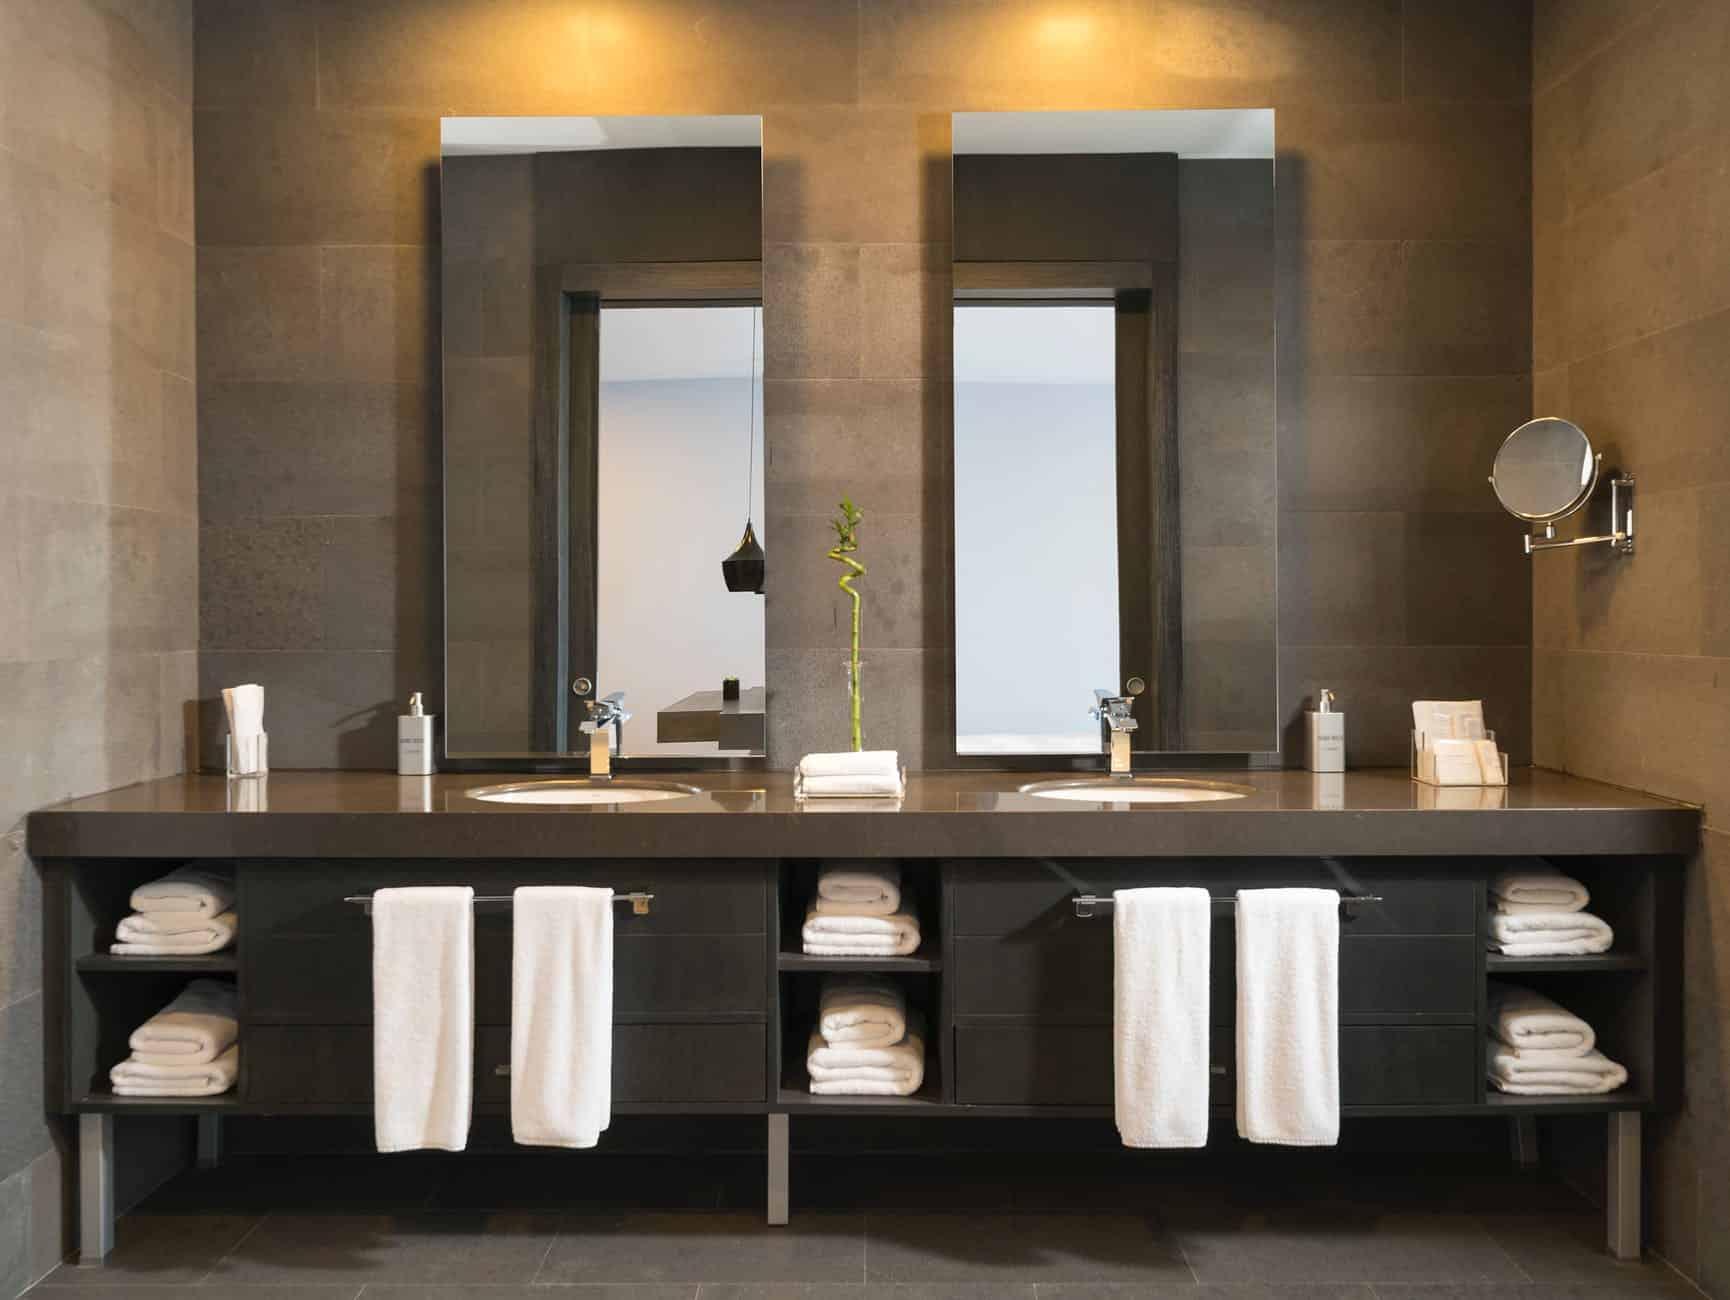 Badezimmer modern gestalten mit naturmaterialien und glas for Bad gestalten fliesen